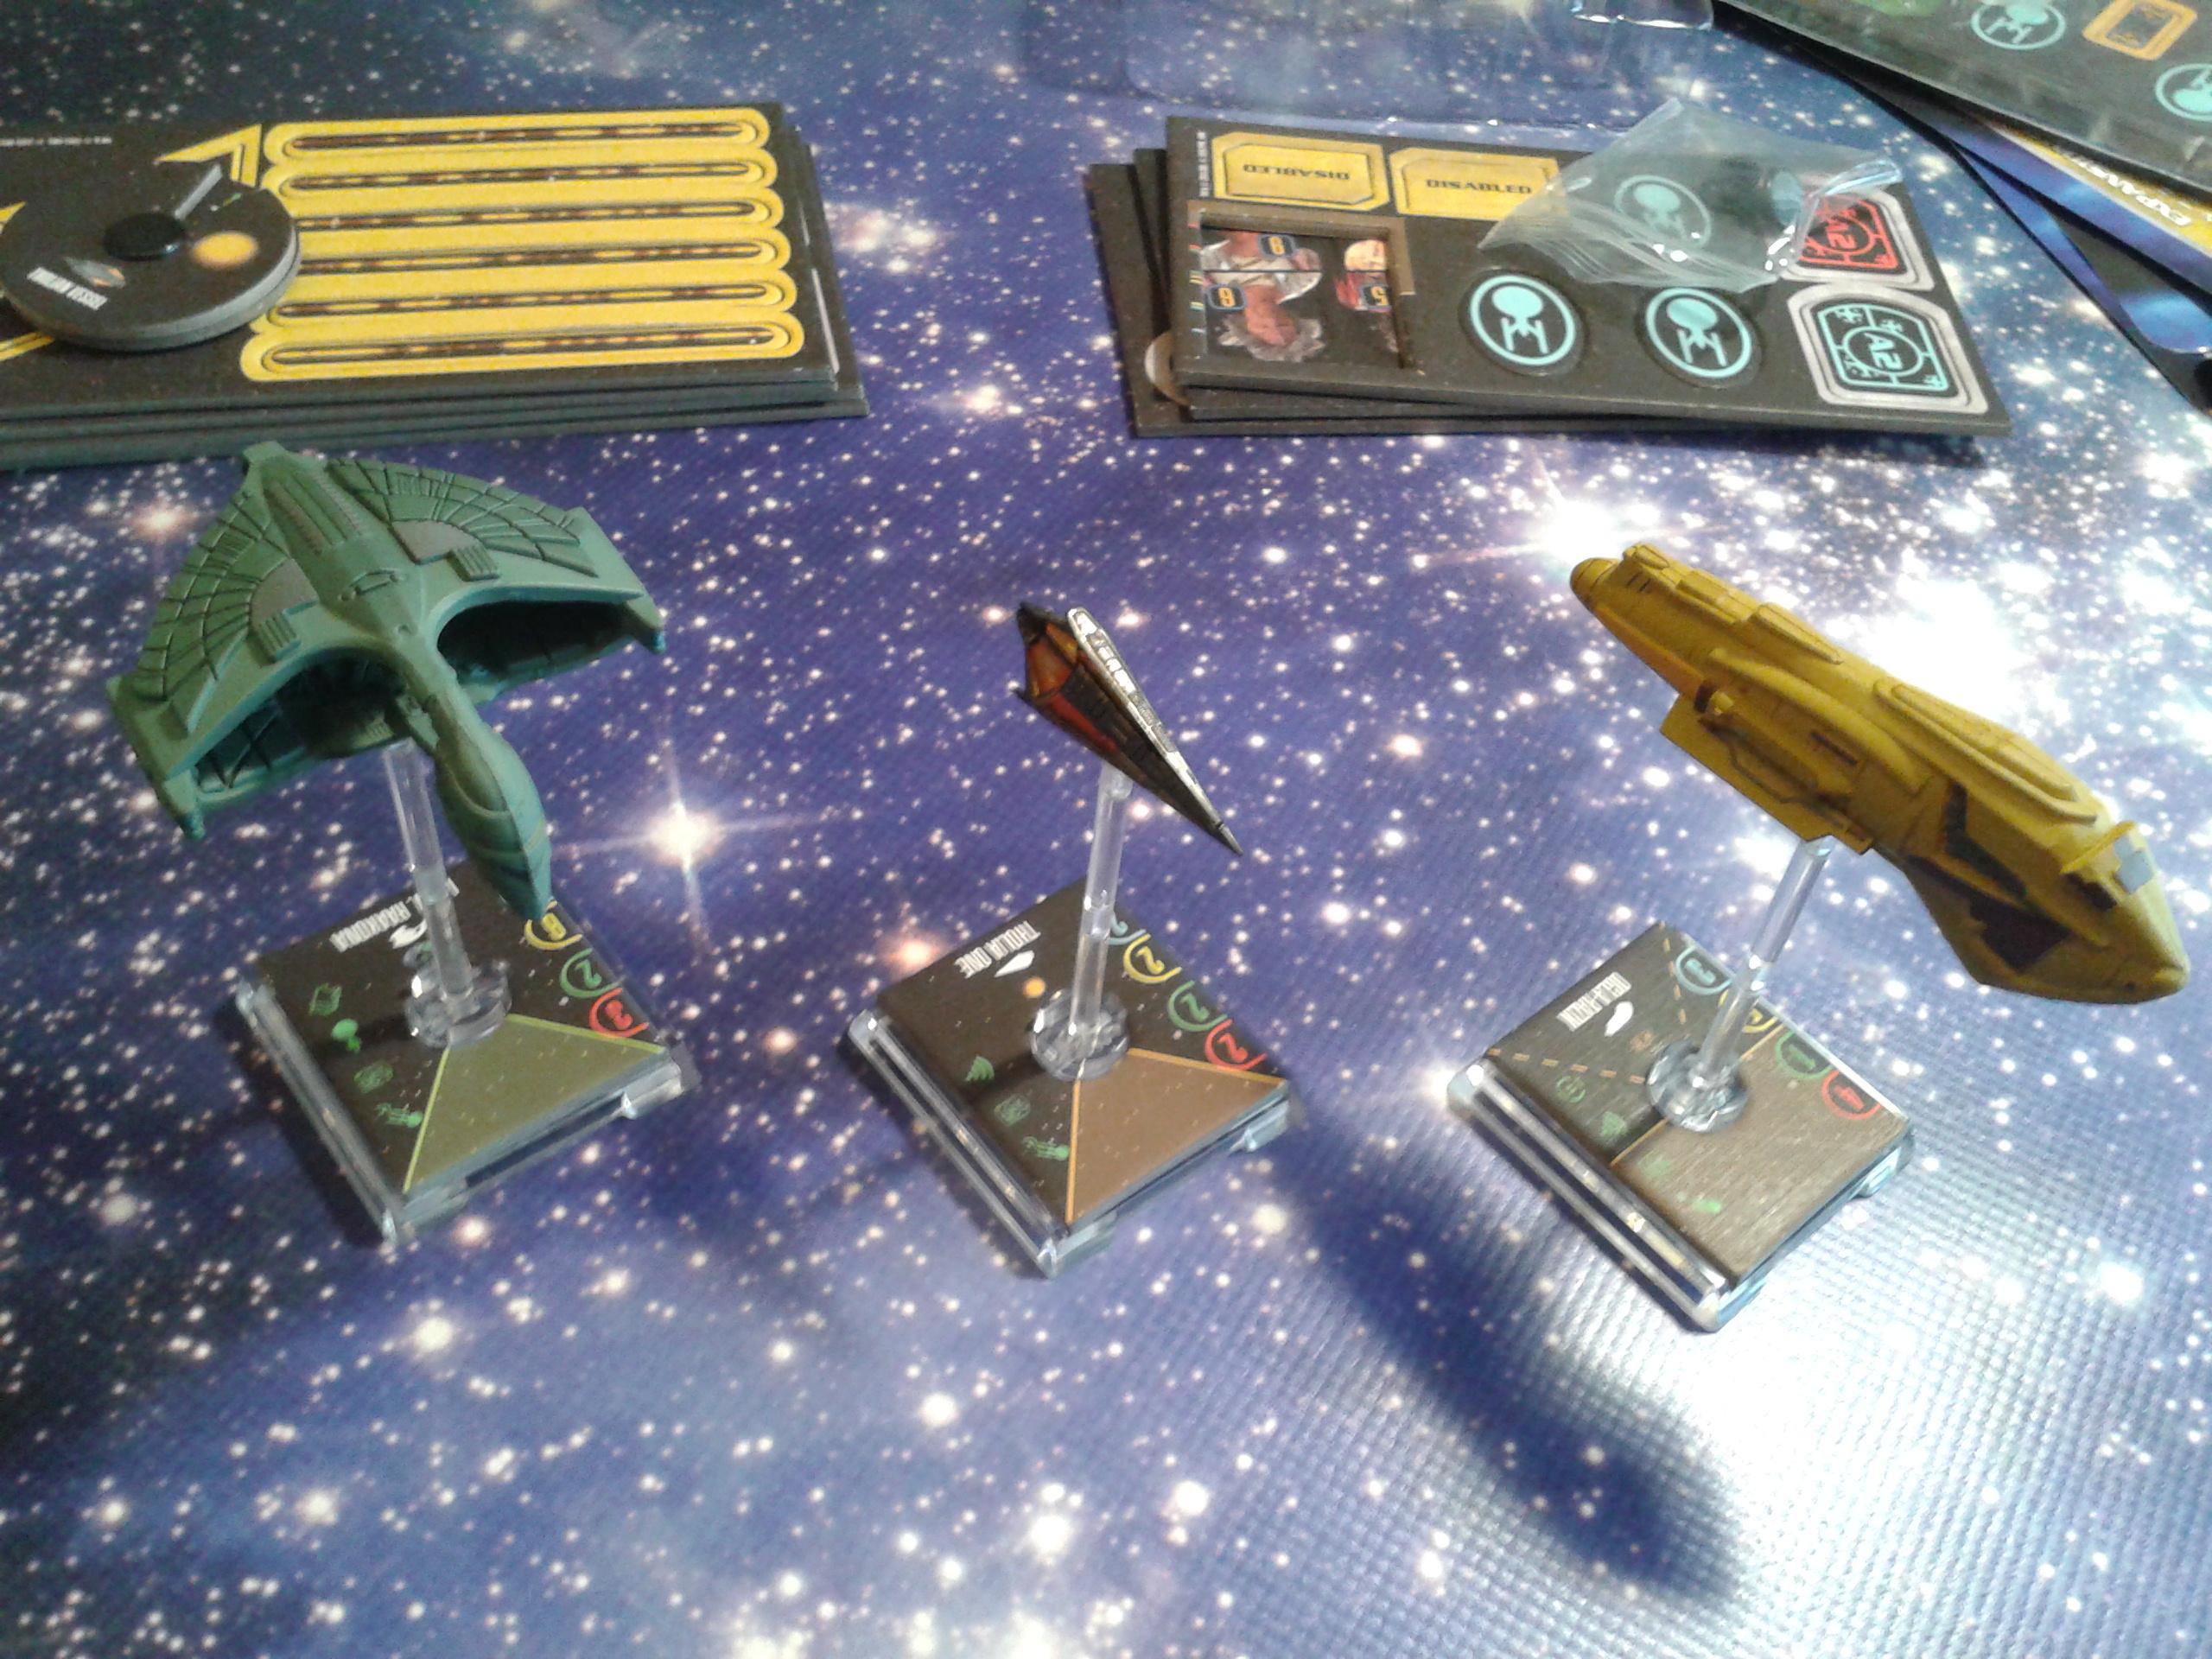 (Star Trek Attack Wing auf) Weiterspielen.net - Seite 5 20150302_145046